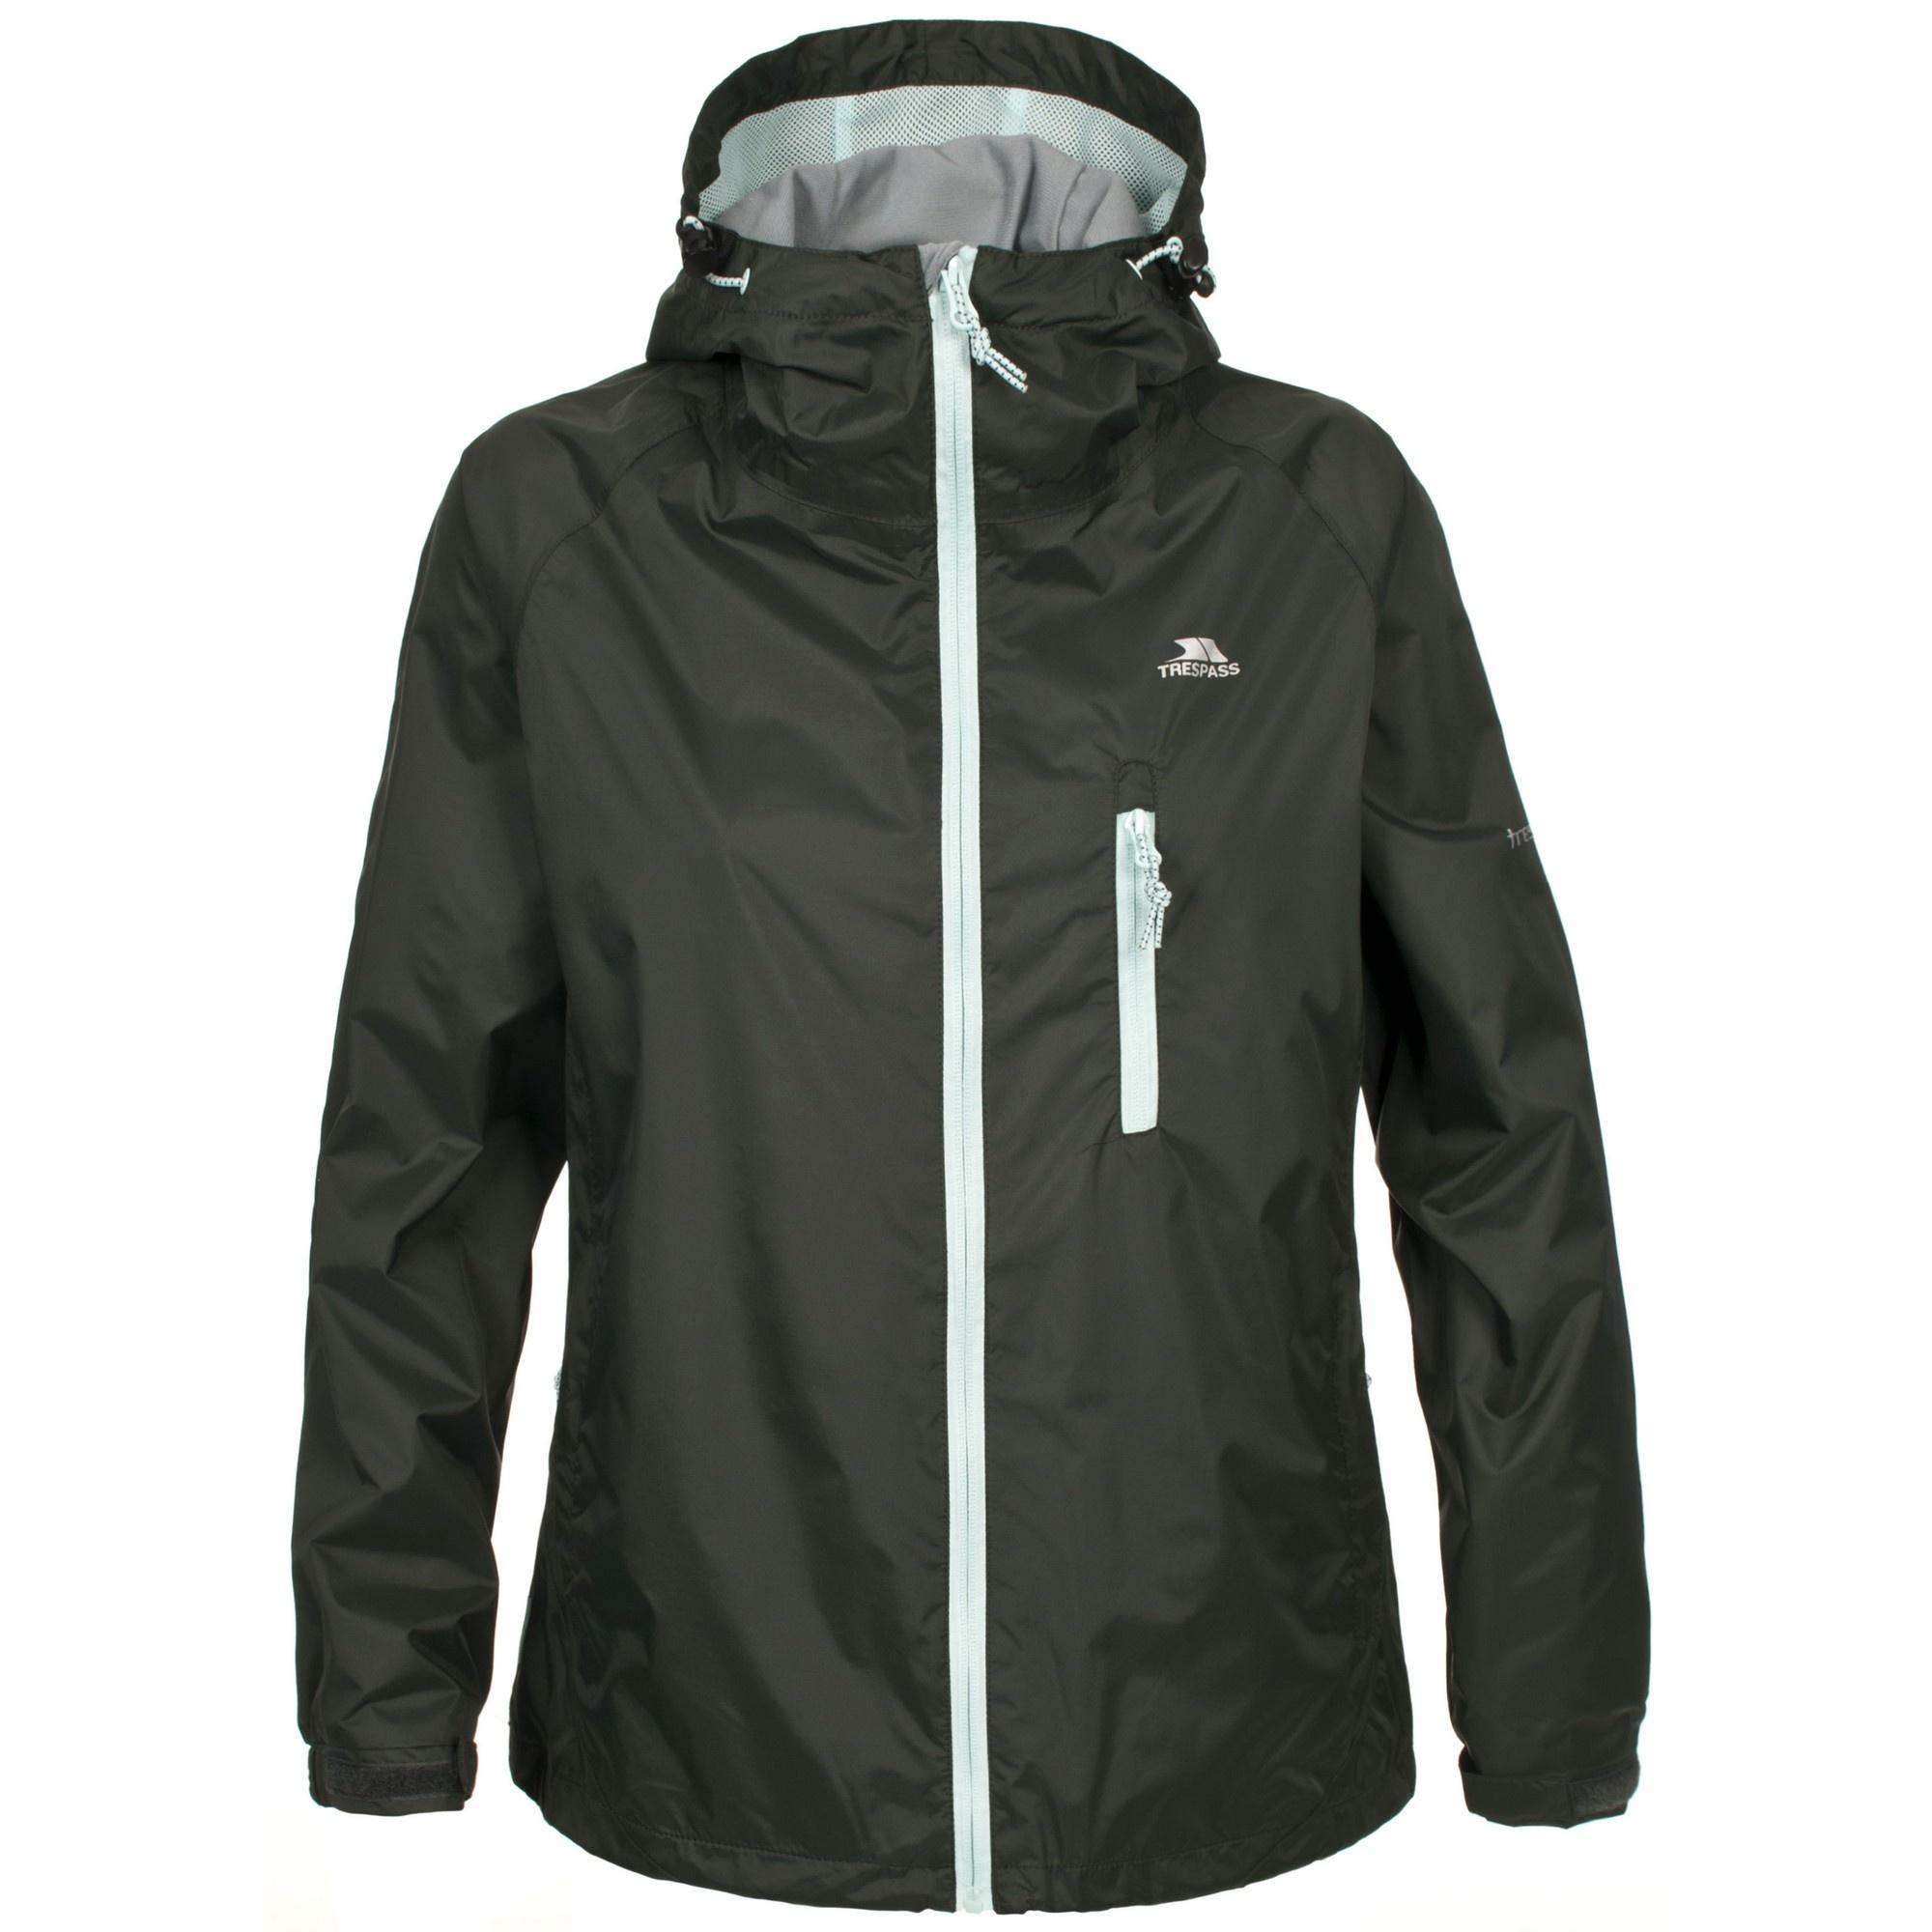 Trespass womens jackets